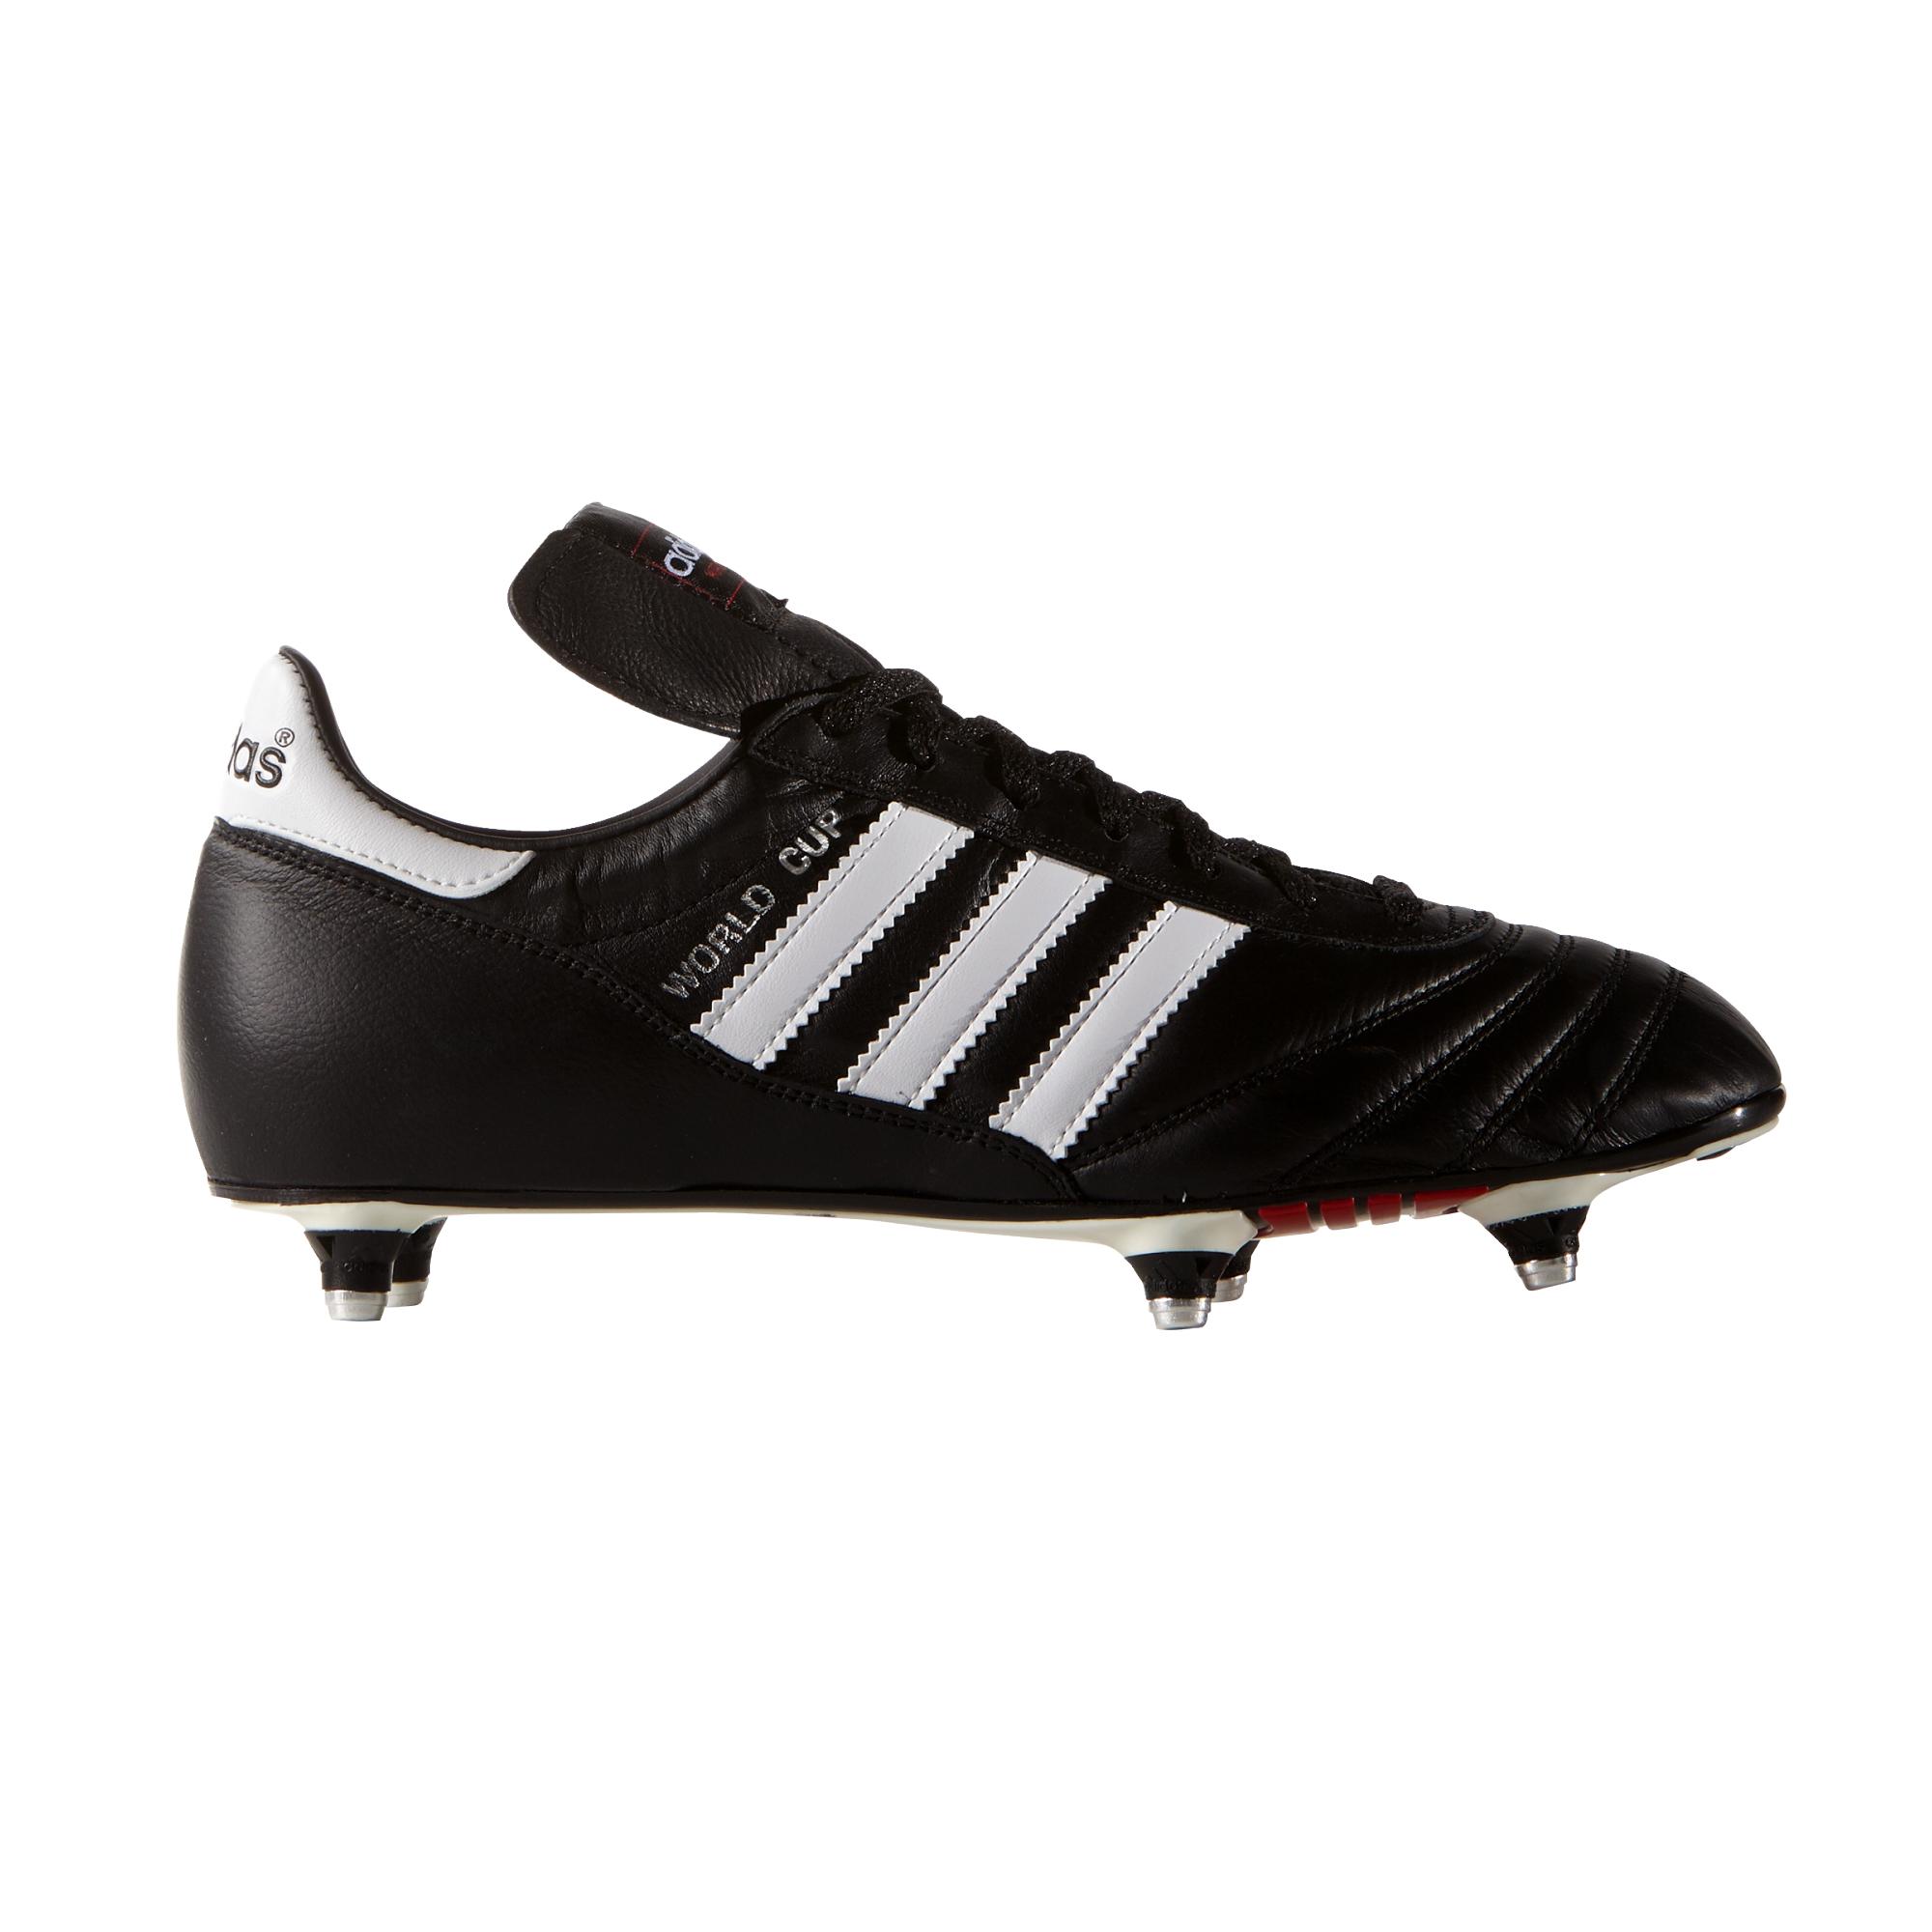 Coppa del mondo di calcio football scarpe adidas 011040 mundial copa uk 9 ebay